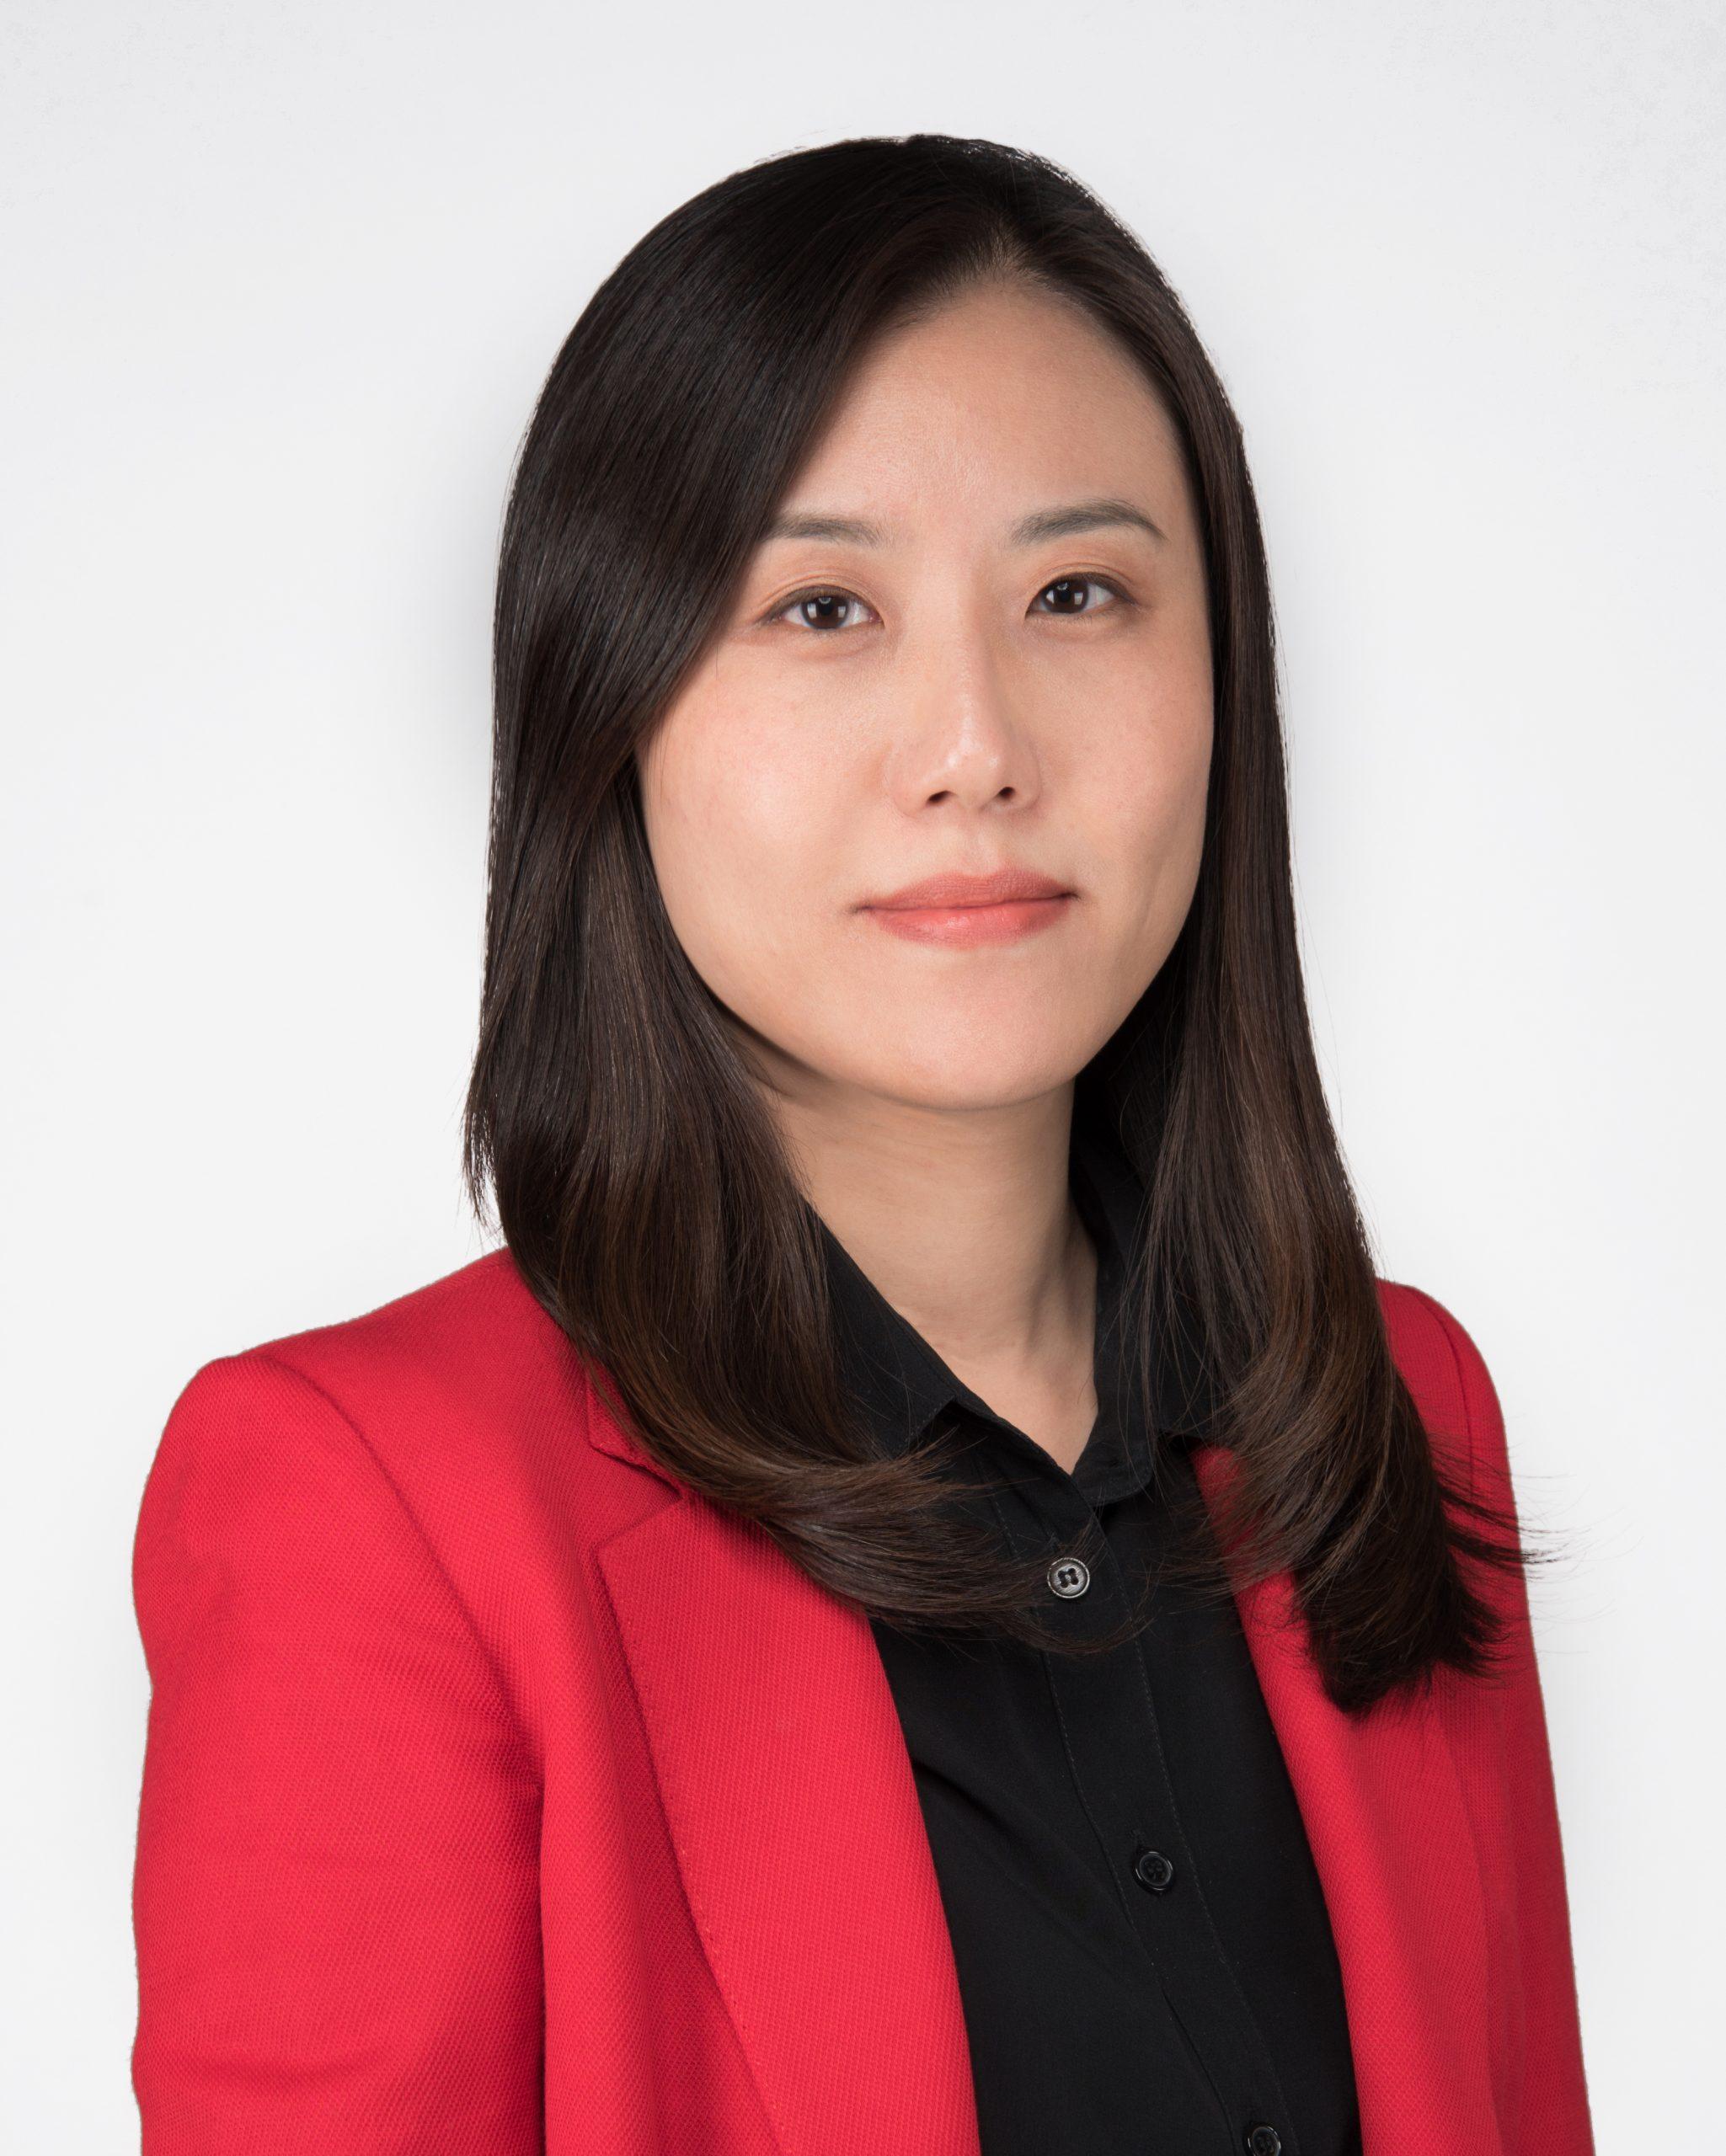 王雅凡教授